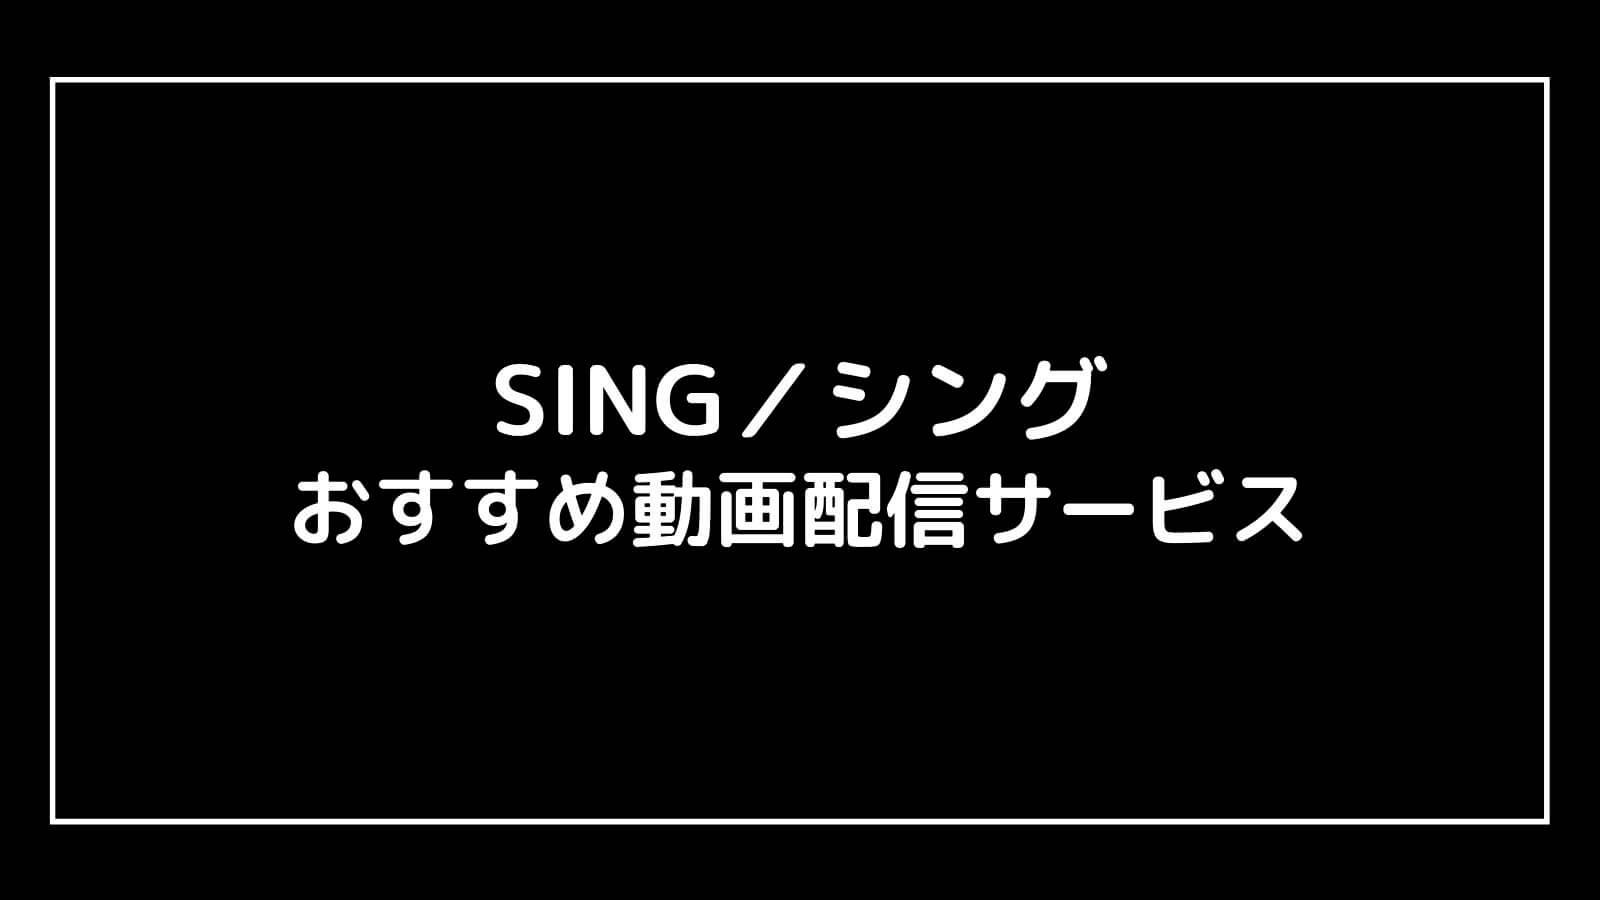 映画『SING シング』の配信を無料視聴できるおすすめ動画配信サイト